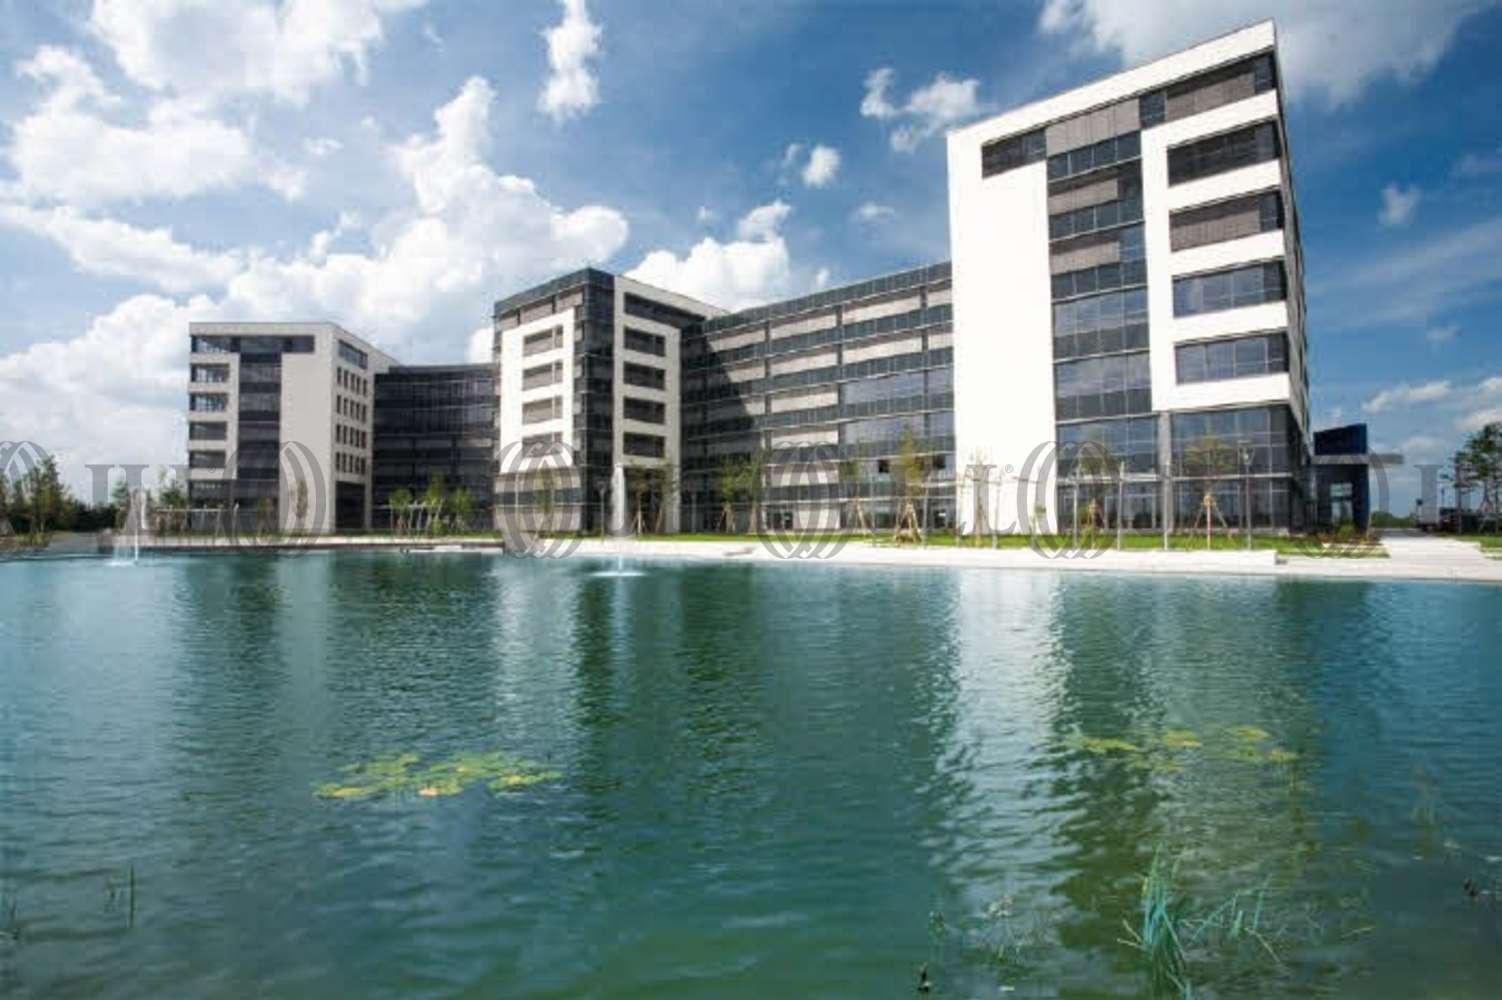 Büros Garching b. münchen, 85748 - Büro - Garching b. München, Hochbrück - M0985 - 9387725